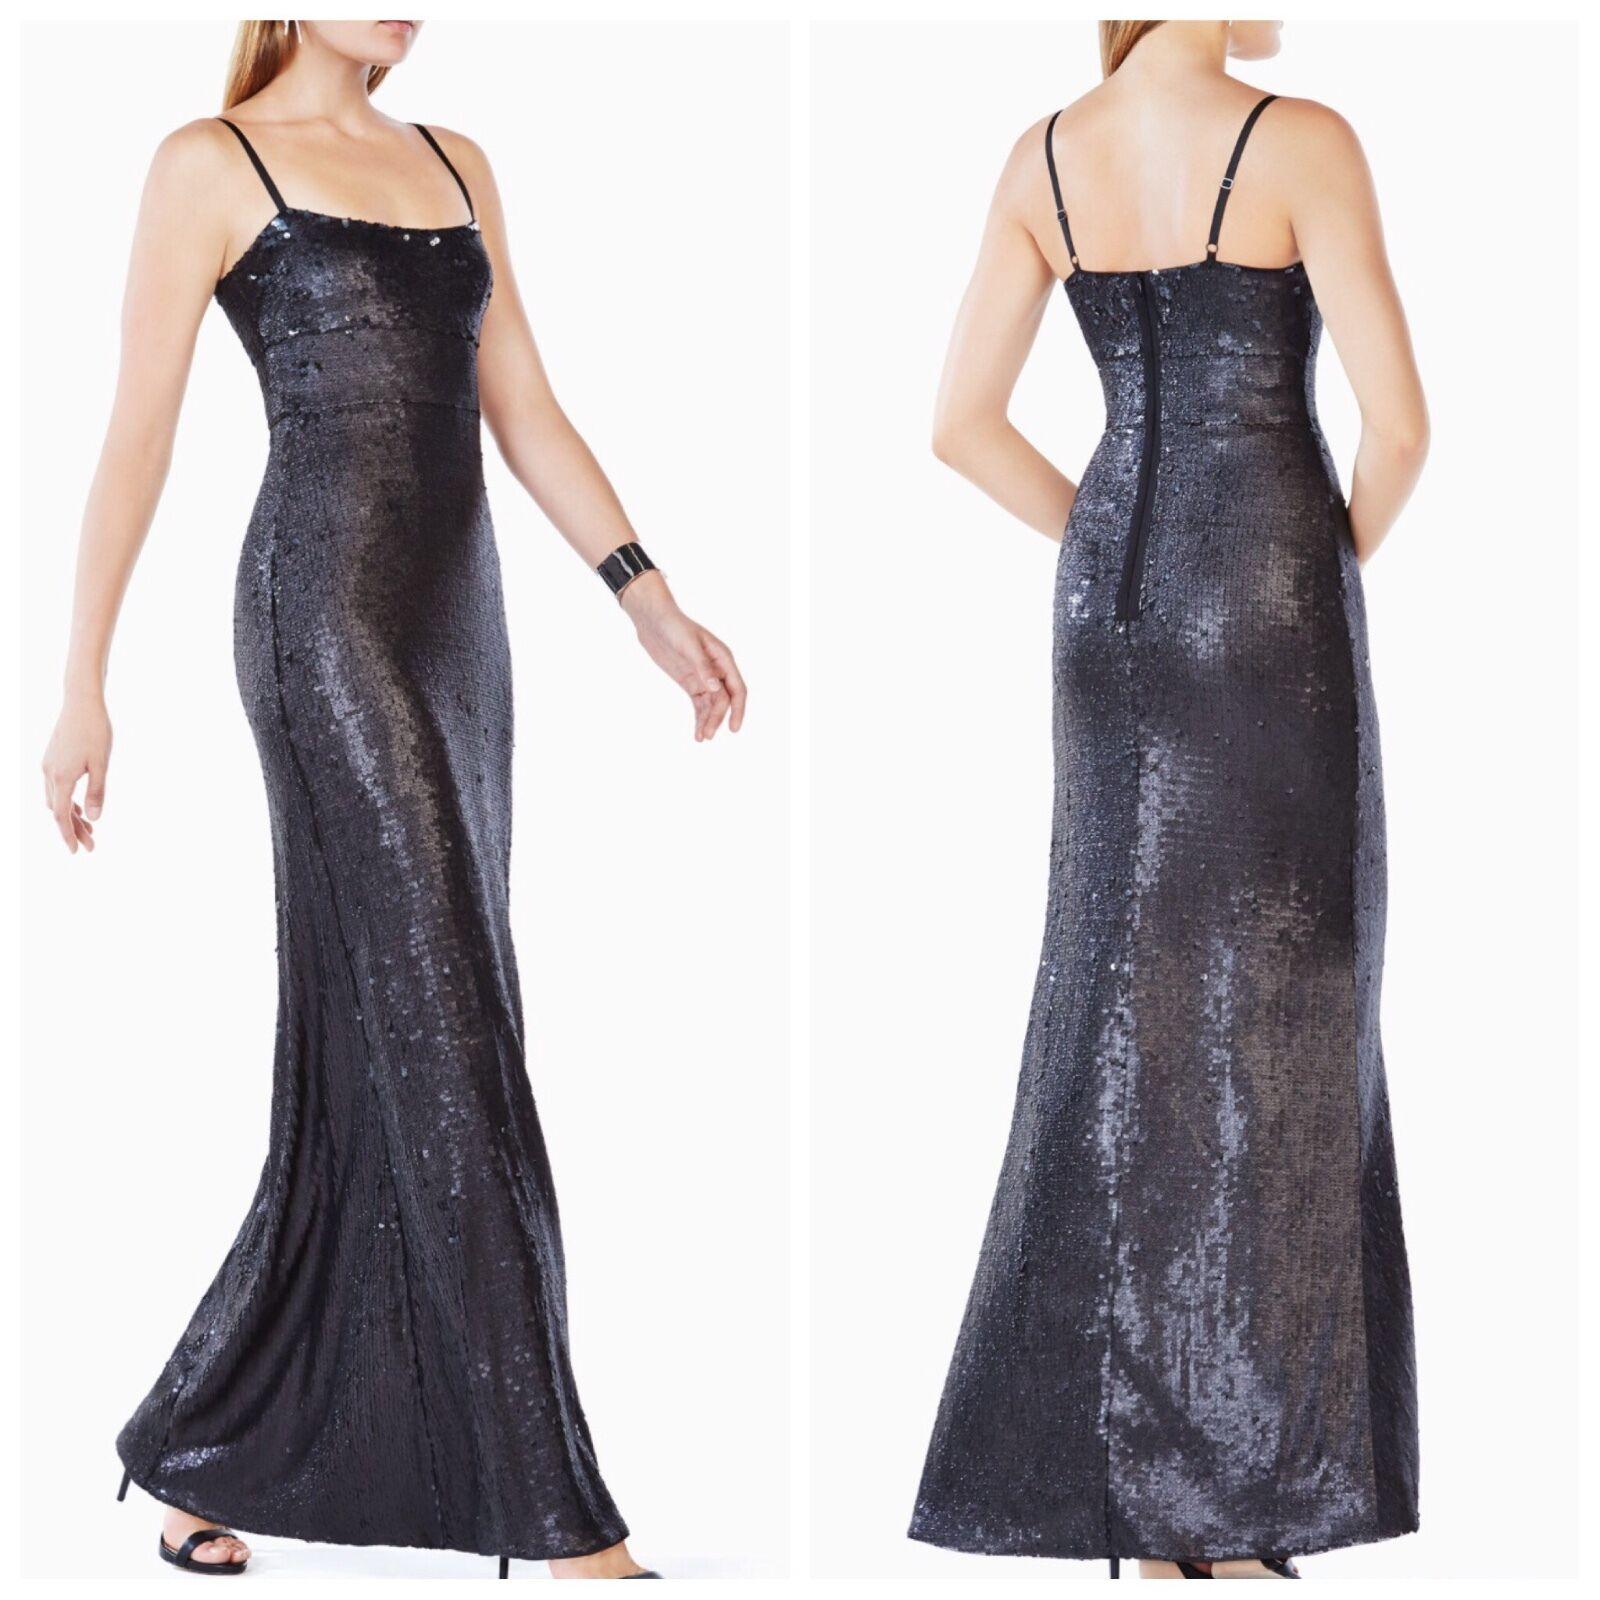 4c6ec78a9a1b49 Bcbg Max Azria Neu Gisselle Schwarz Pailletten Abendkleid Kleid Größe M